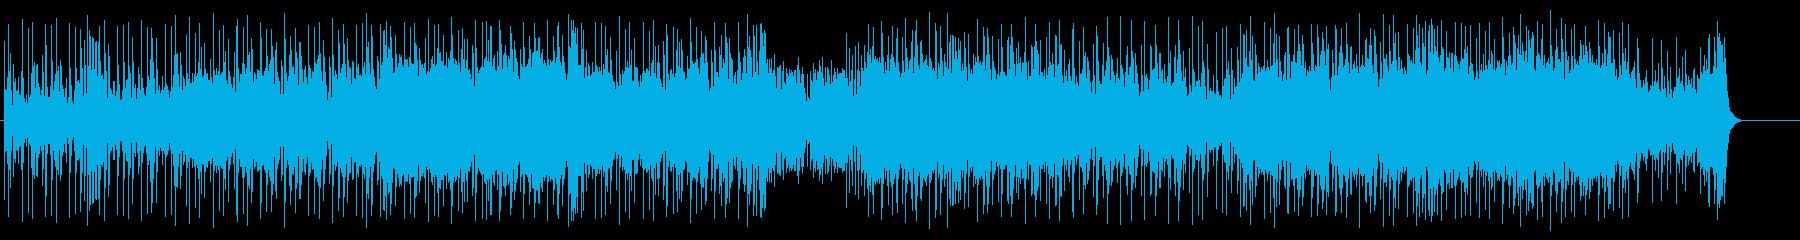 高速回転ミラーボールとストロボフラッシュの再生済みの波形